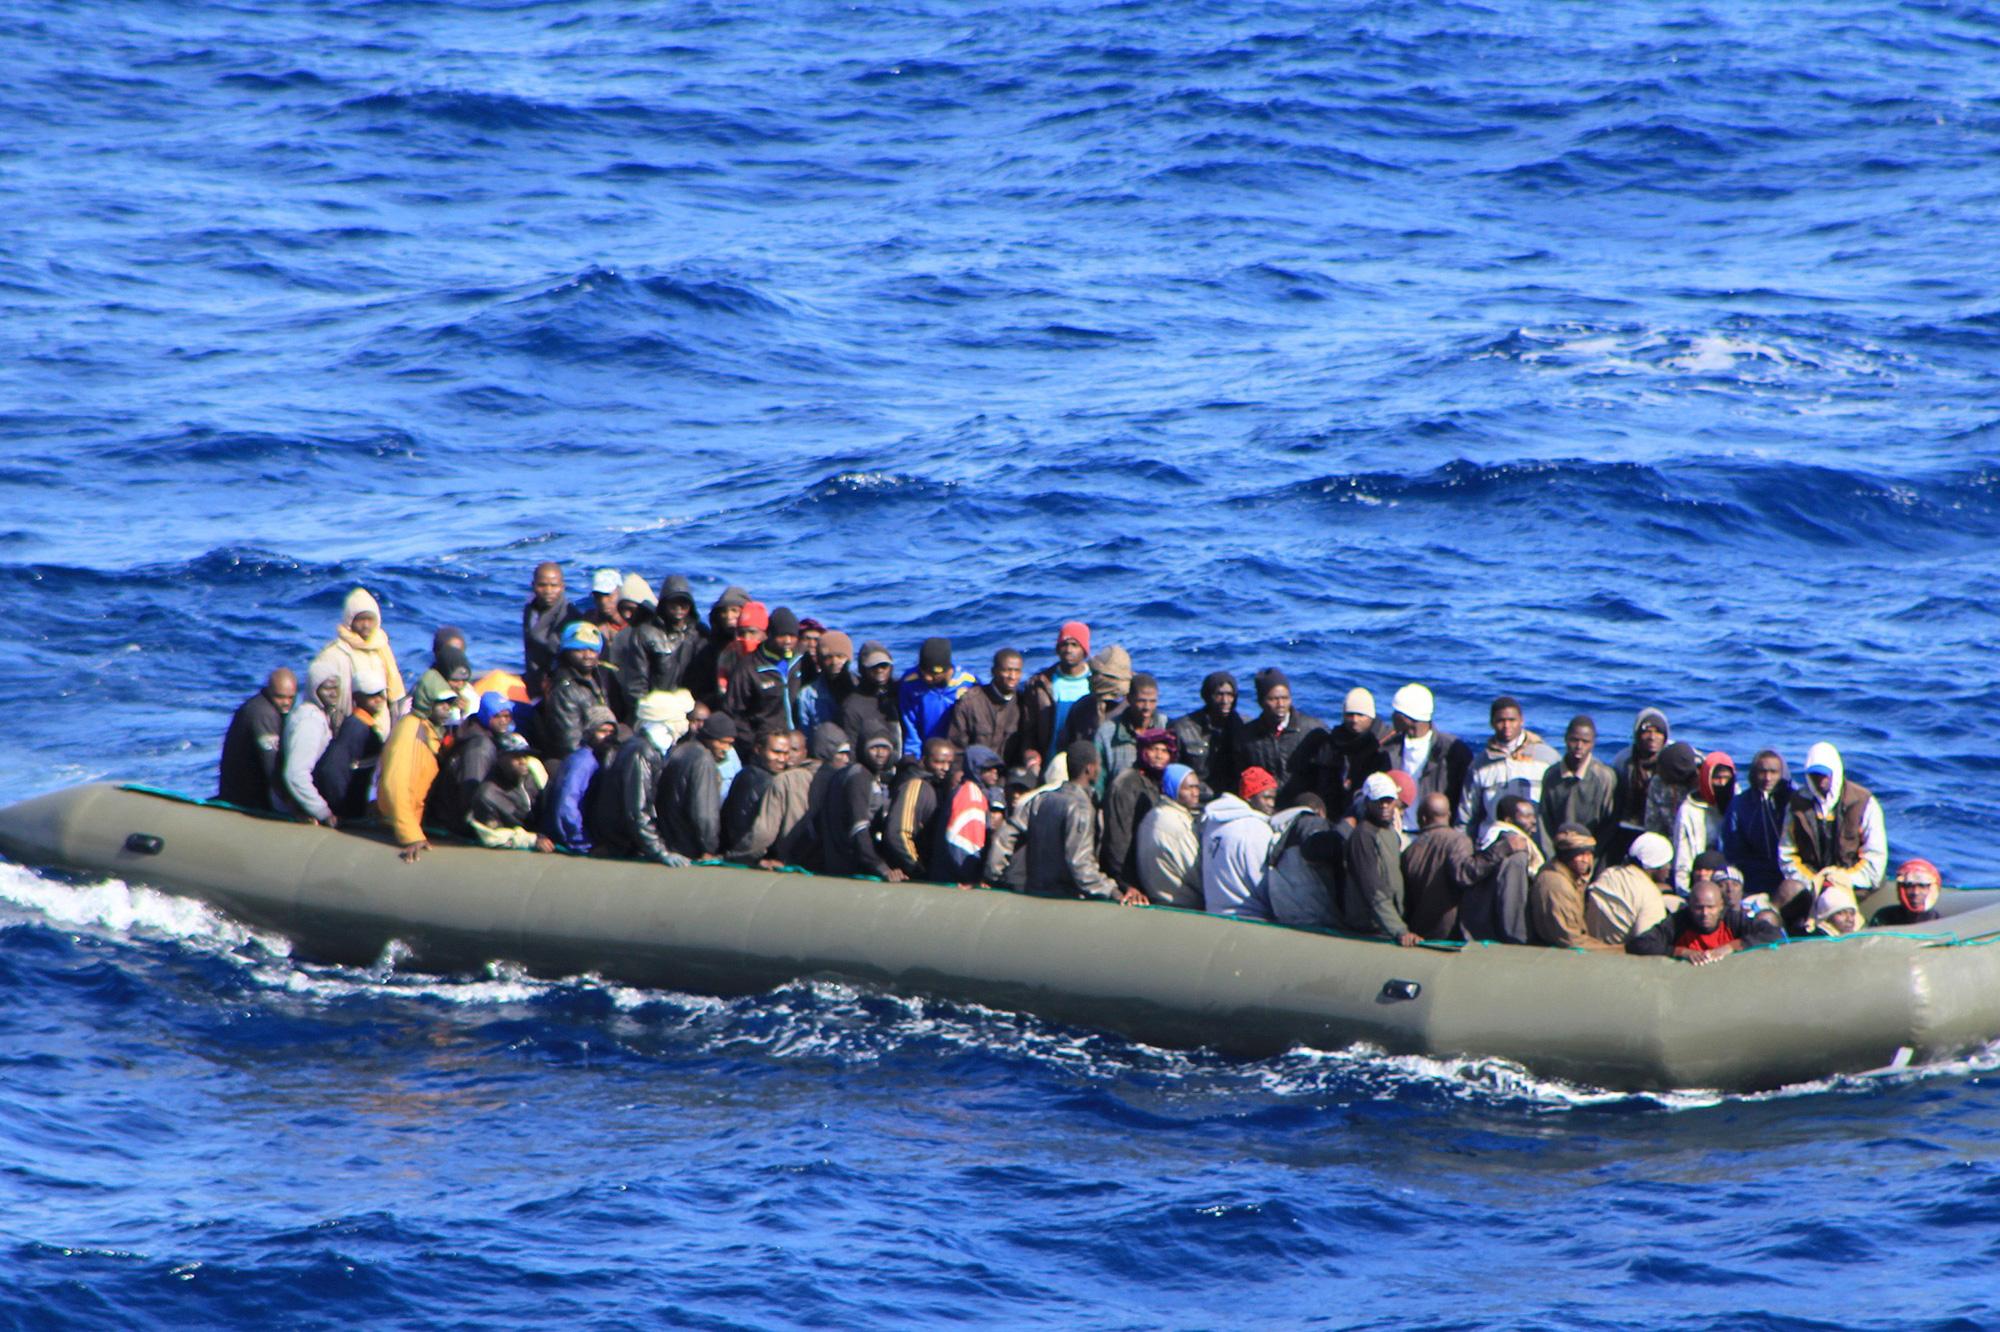 مصرع 9 أشخاص بغرق قارب مهاجرين قبالة ساحل تركيا